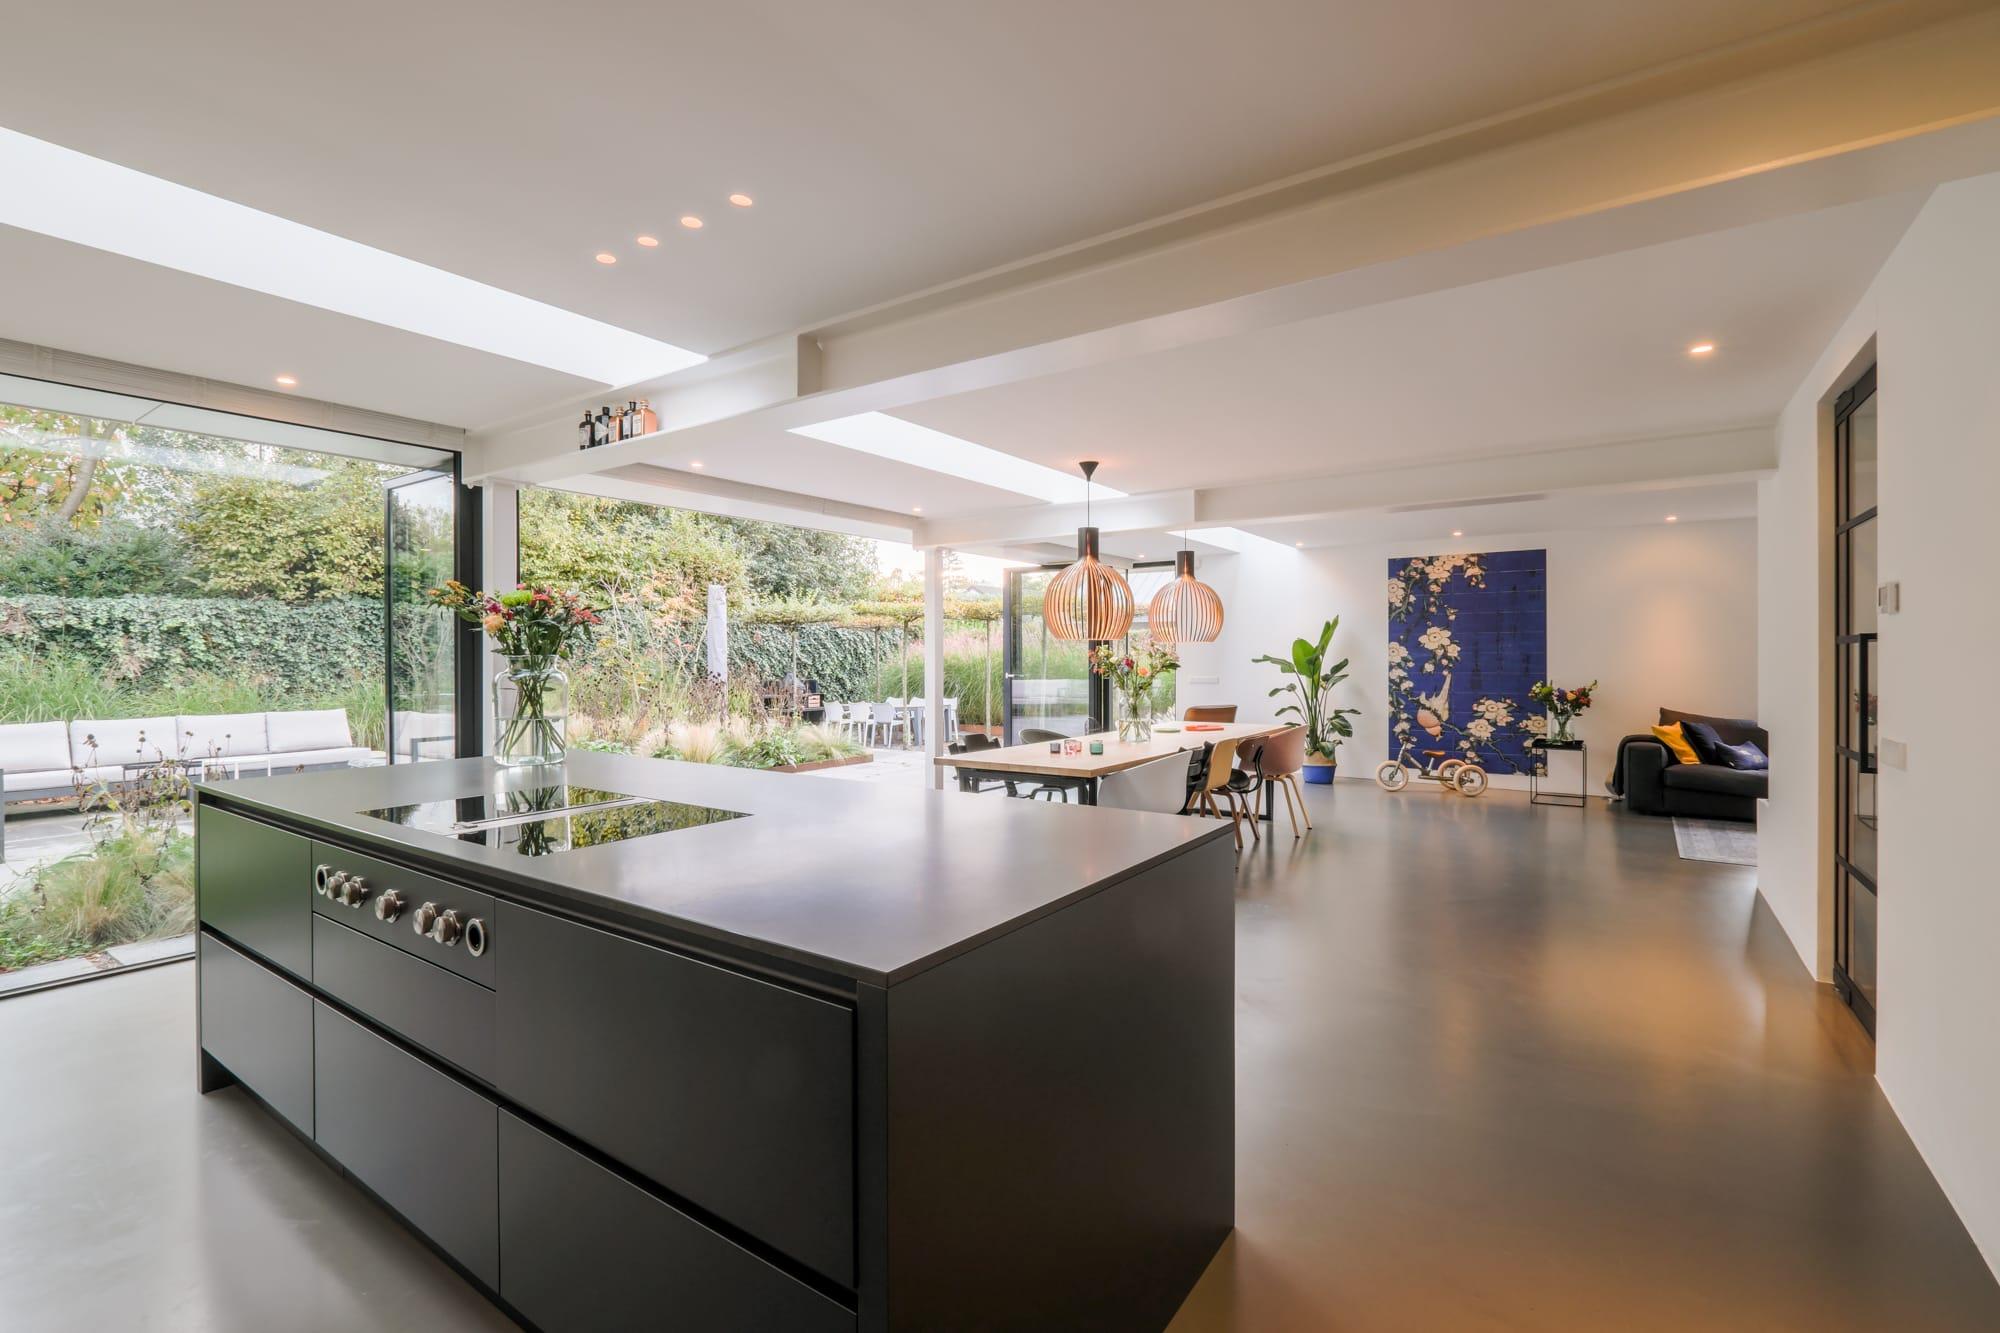 van-os-architecten-breda-ontwerp-moderne-aanbouw-met-aluminium-vouwschuifpui-kookeiland-en-zicht-op-eettafel-en-woonkamer